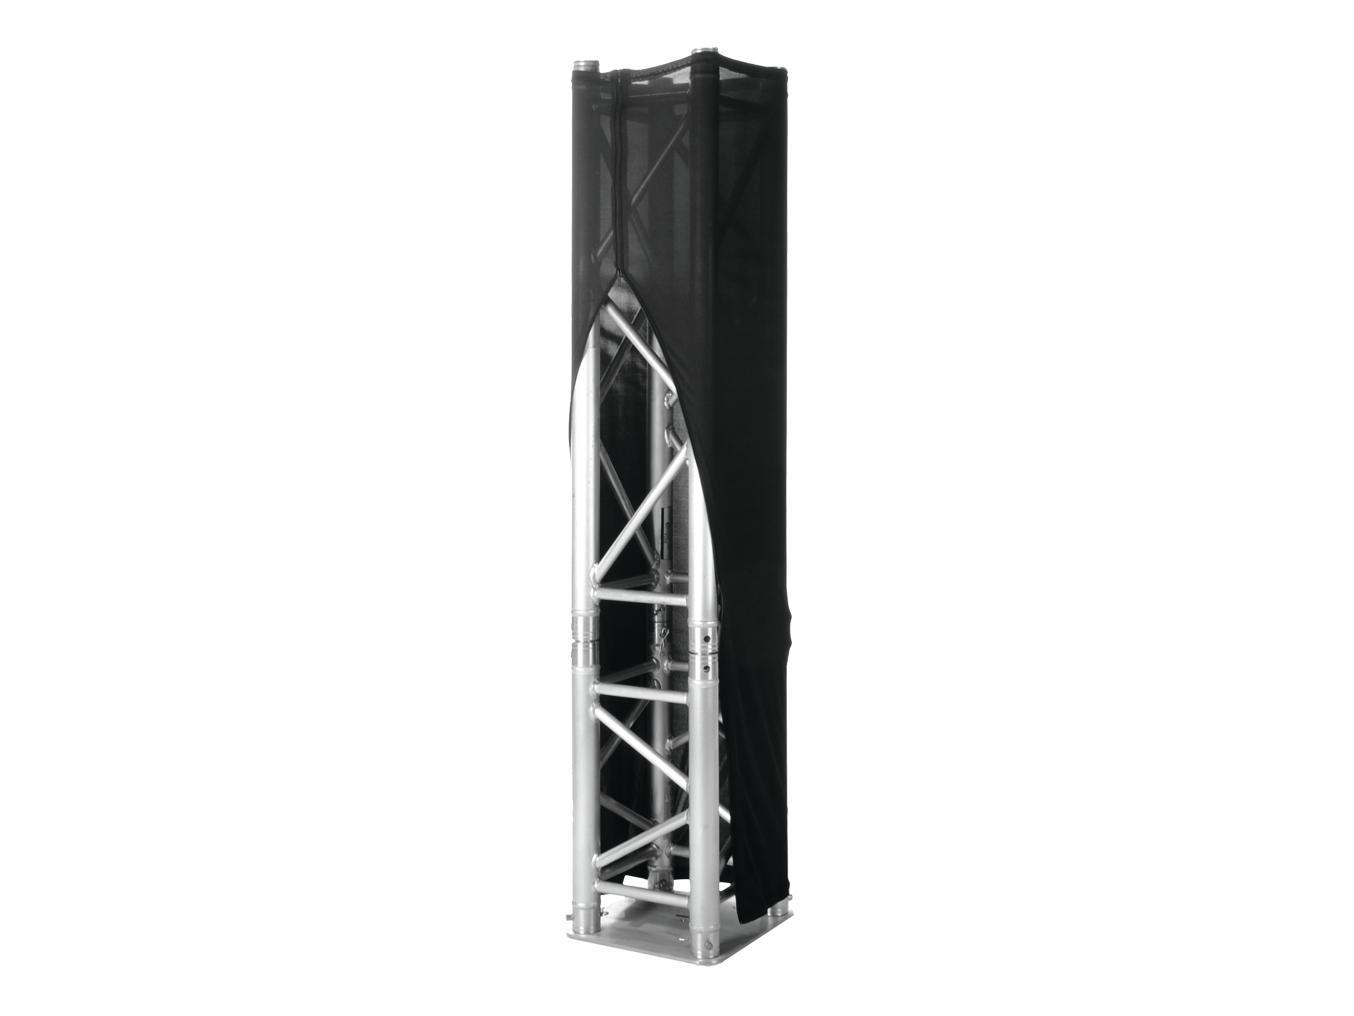 ESPANDERE XPTC20RVS Capriata di copertura 200cm nero